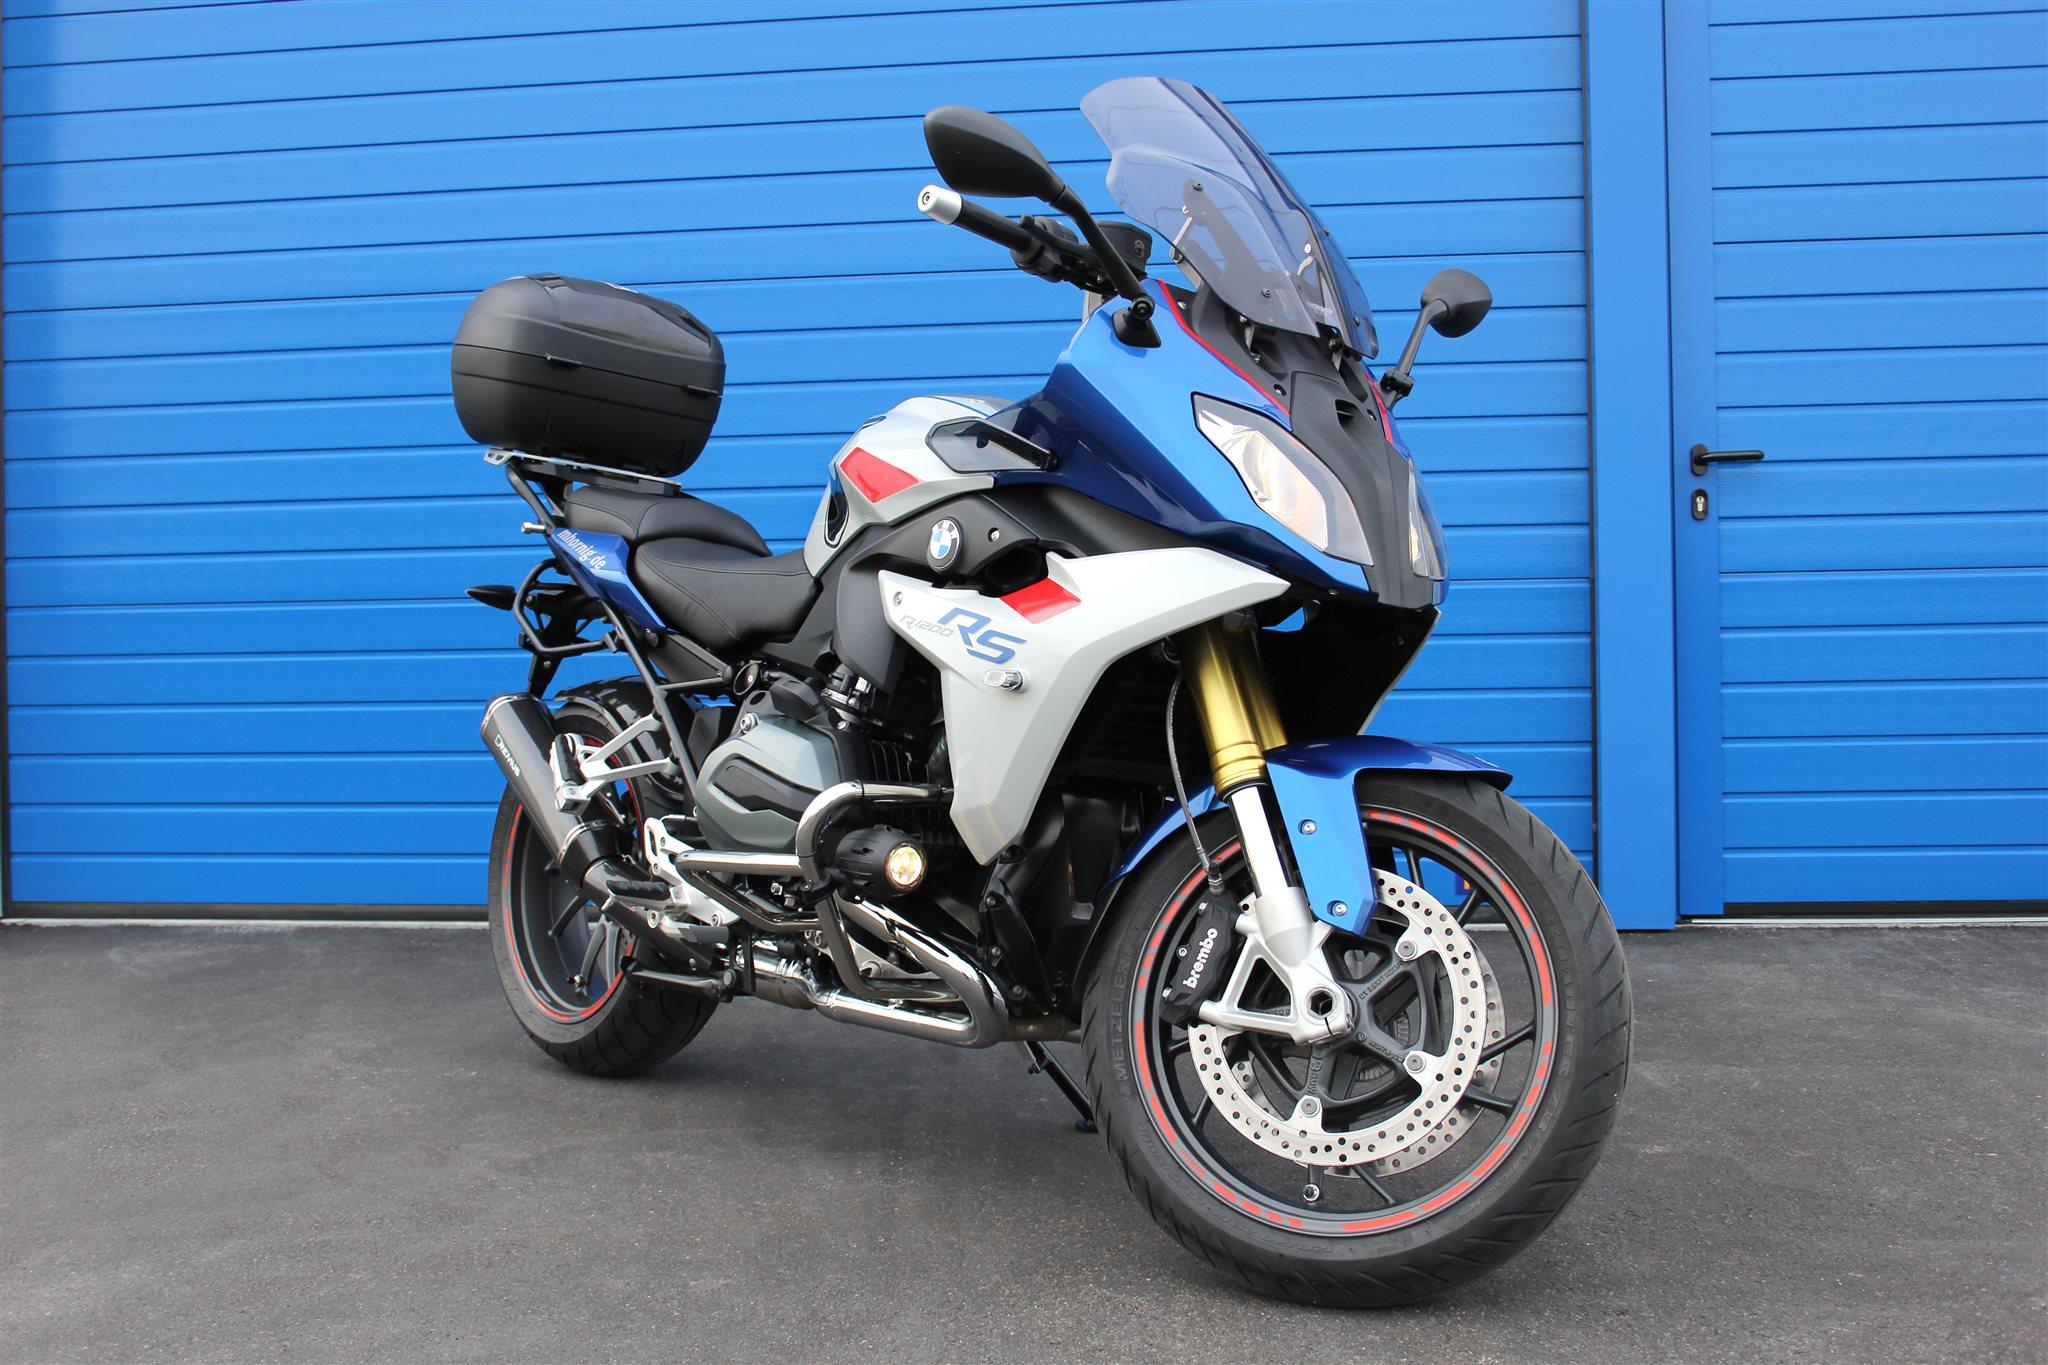 Bmw R1200rs Umbau Von Hornig Motorrad News